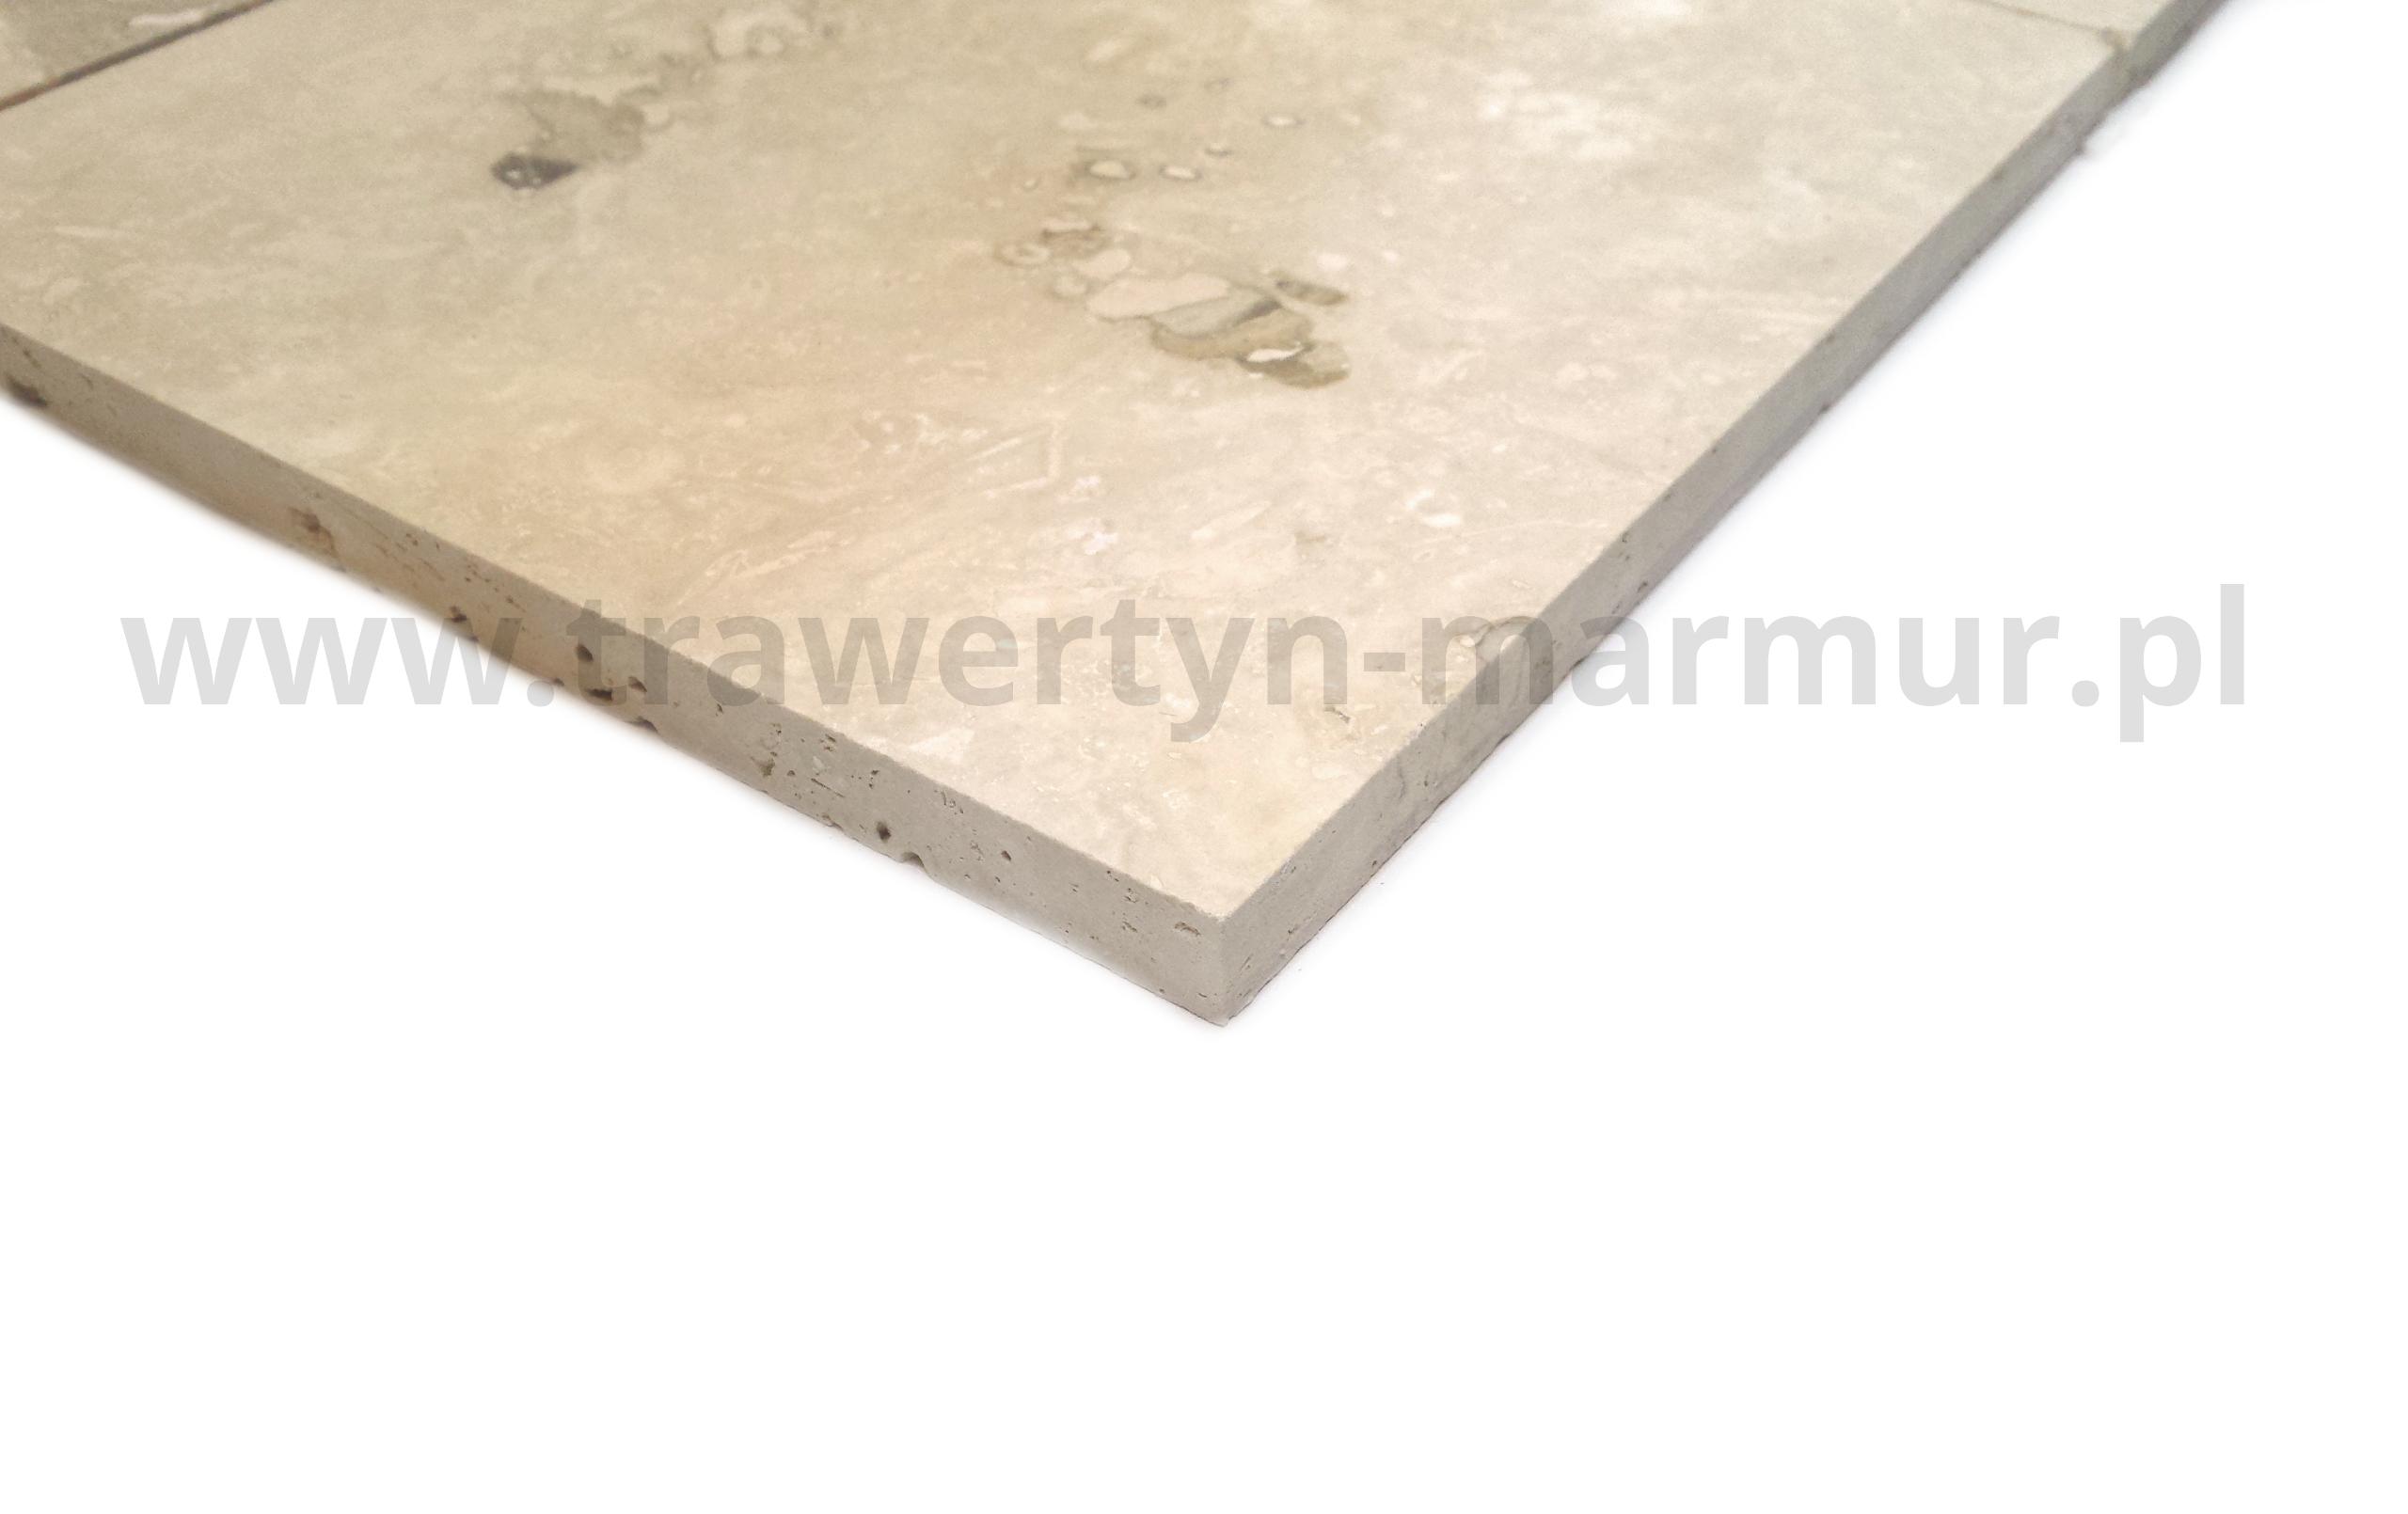 Trawertyn Ivory Onyx H/F 20,3cm x 20,3cm x 1,2cm